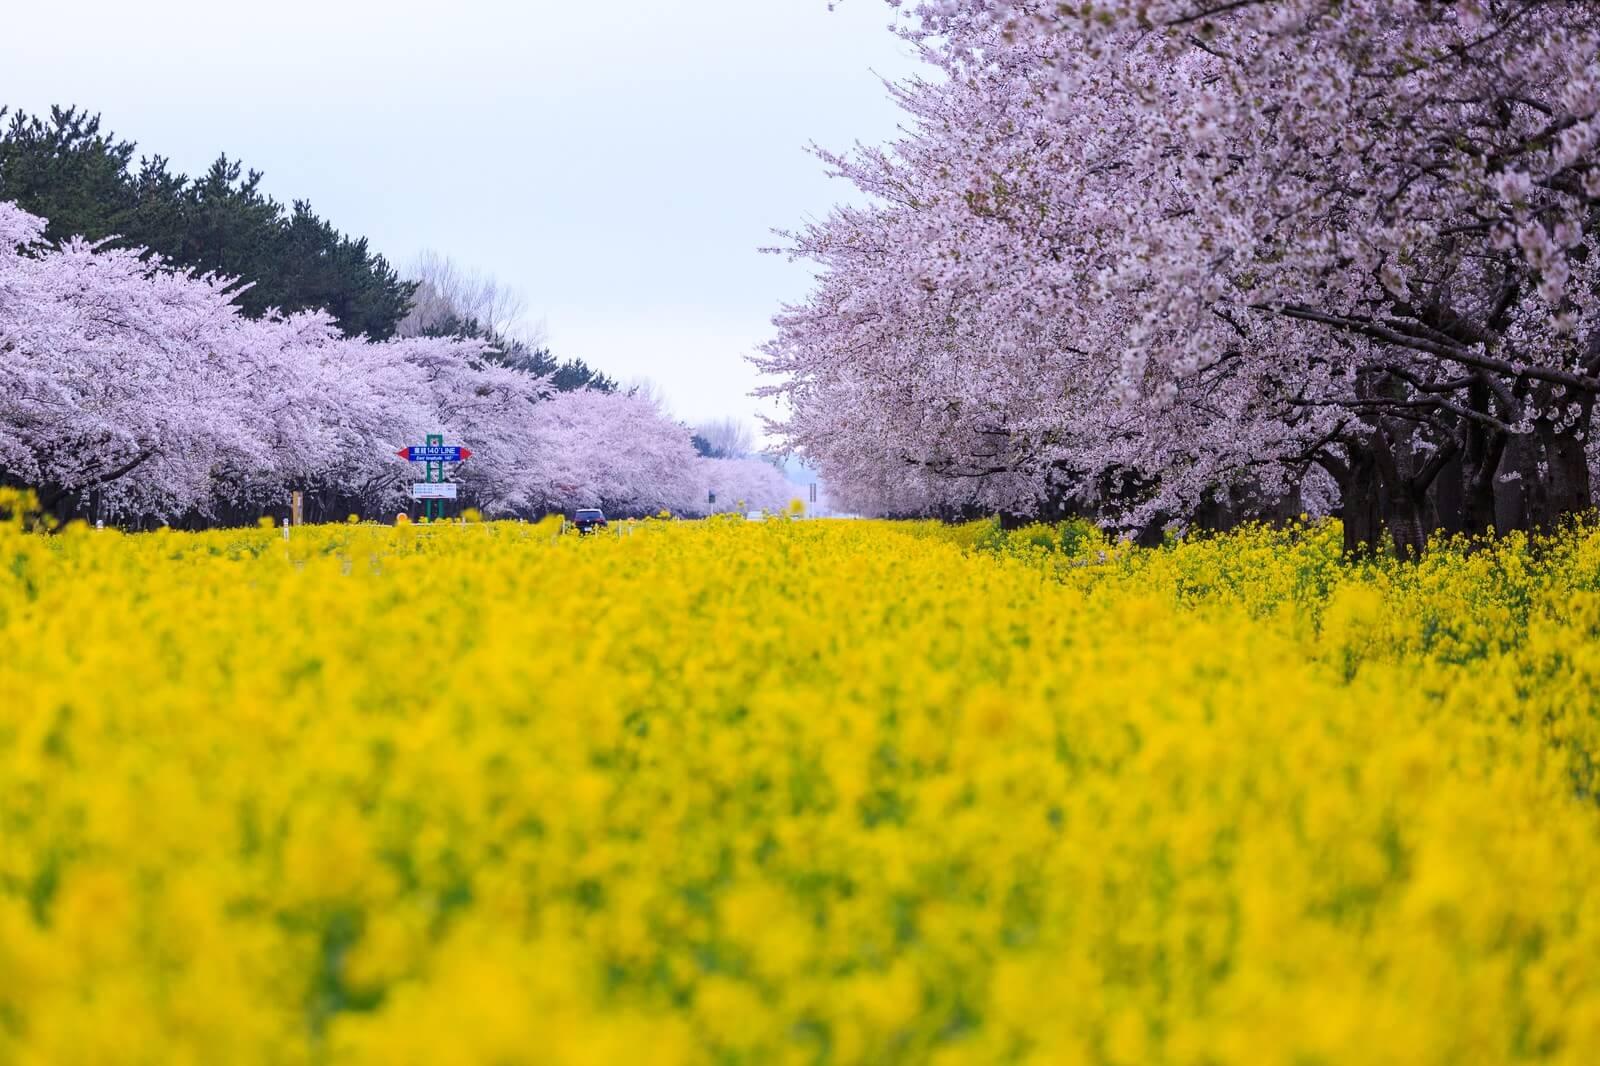 享受日本的春天吧!日本於3月、4月、5月舉辦的祭典・活動整理 道.日本傳統文化、